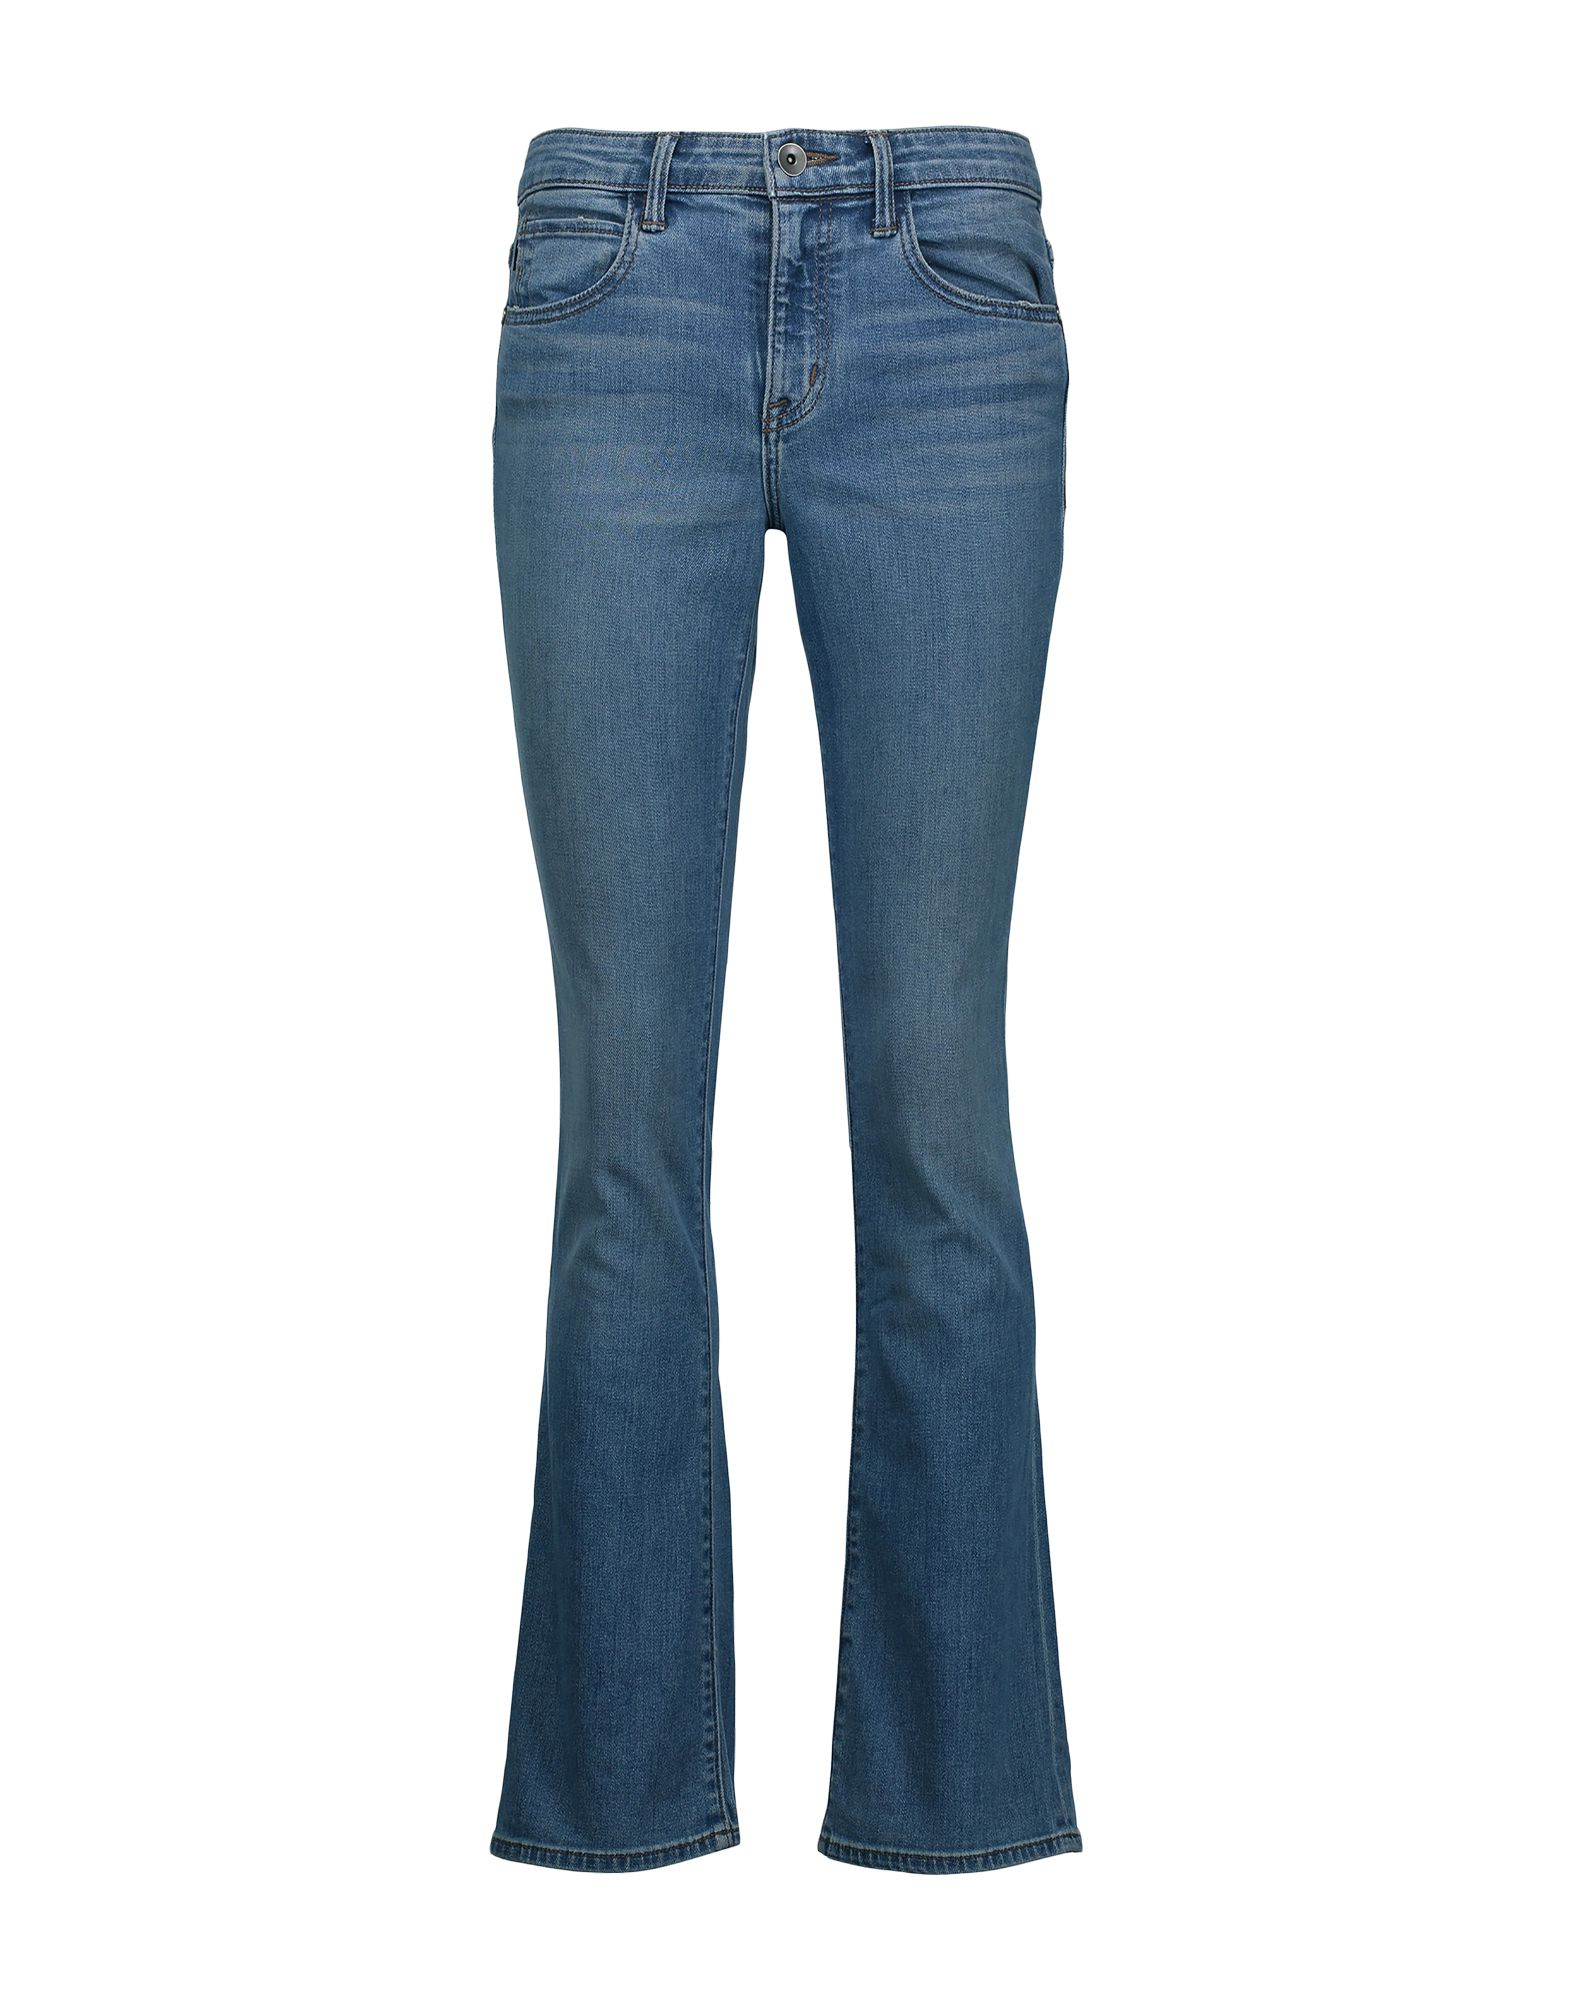 джинсовые брюки женские фото запомнить